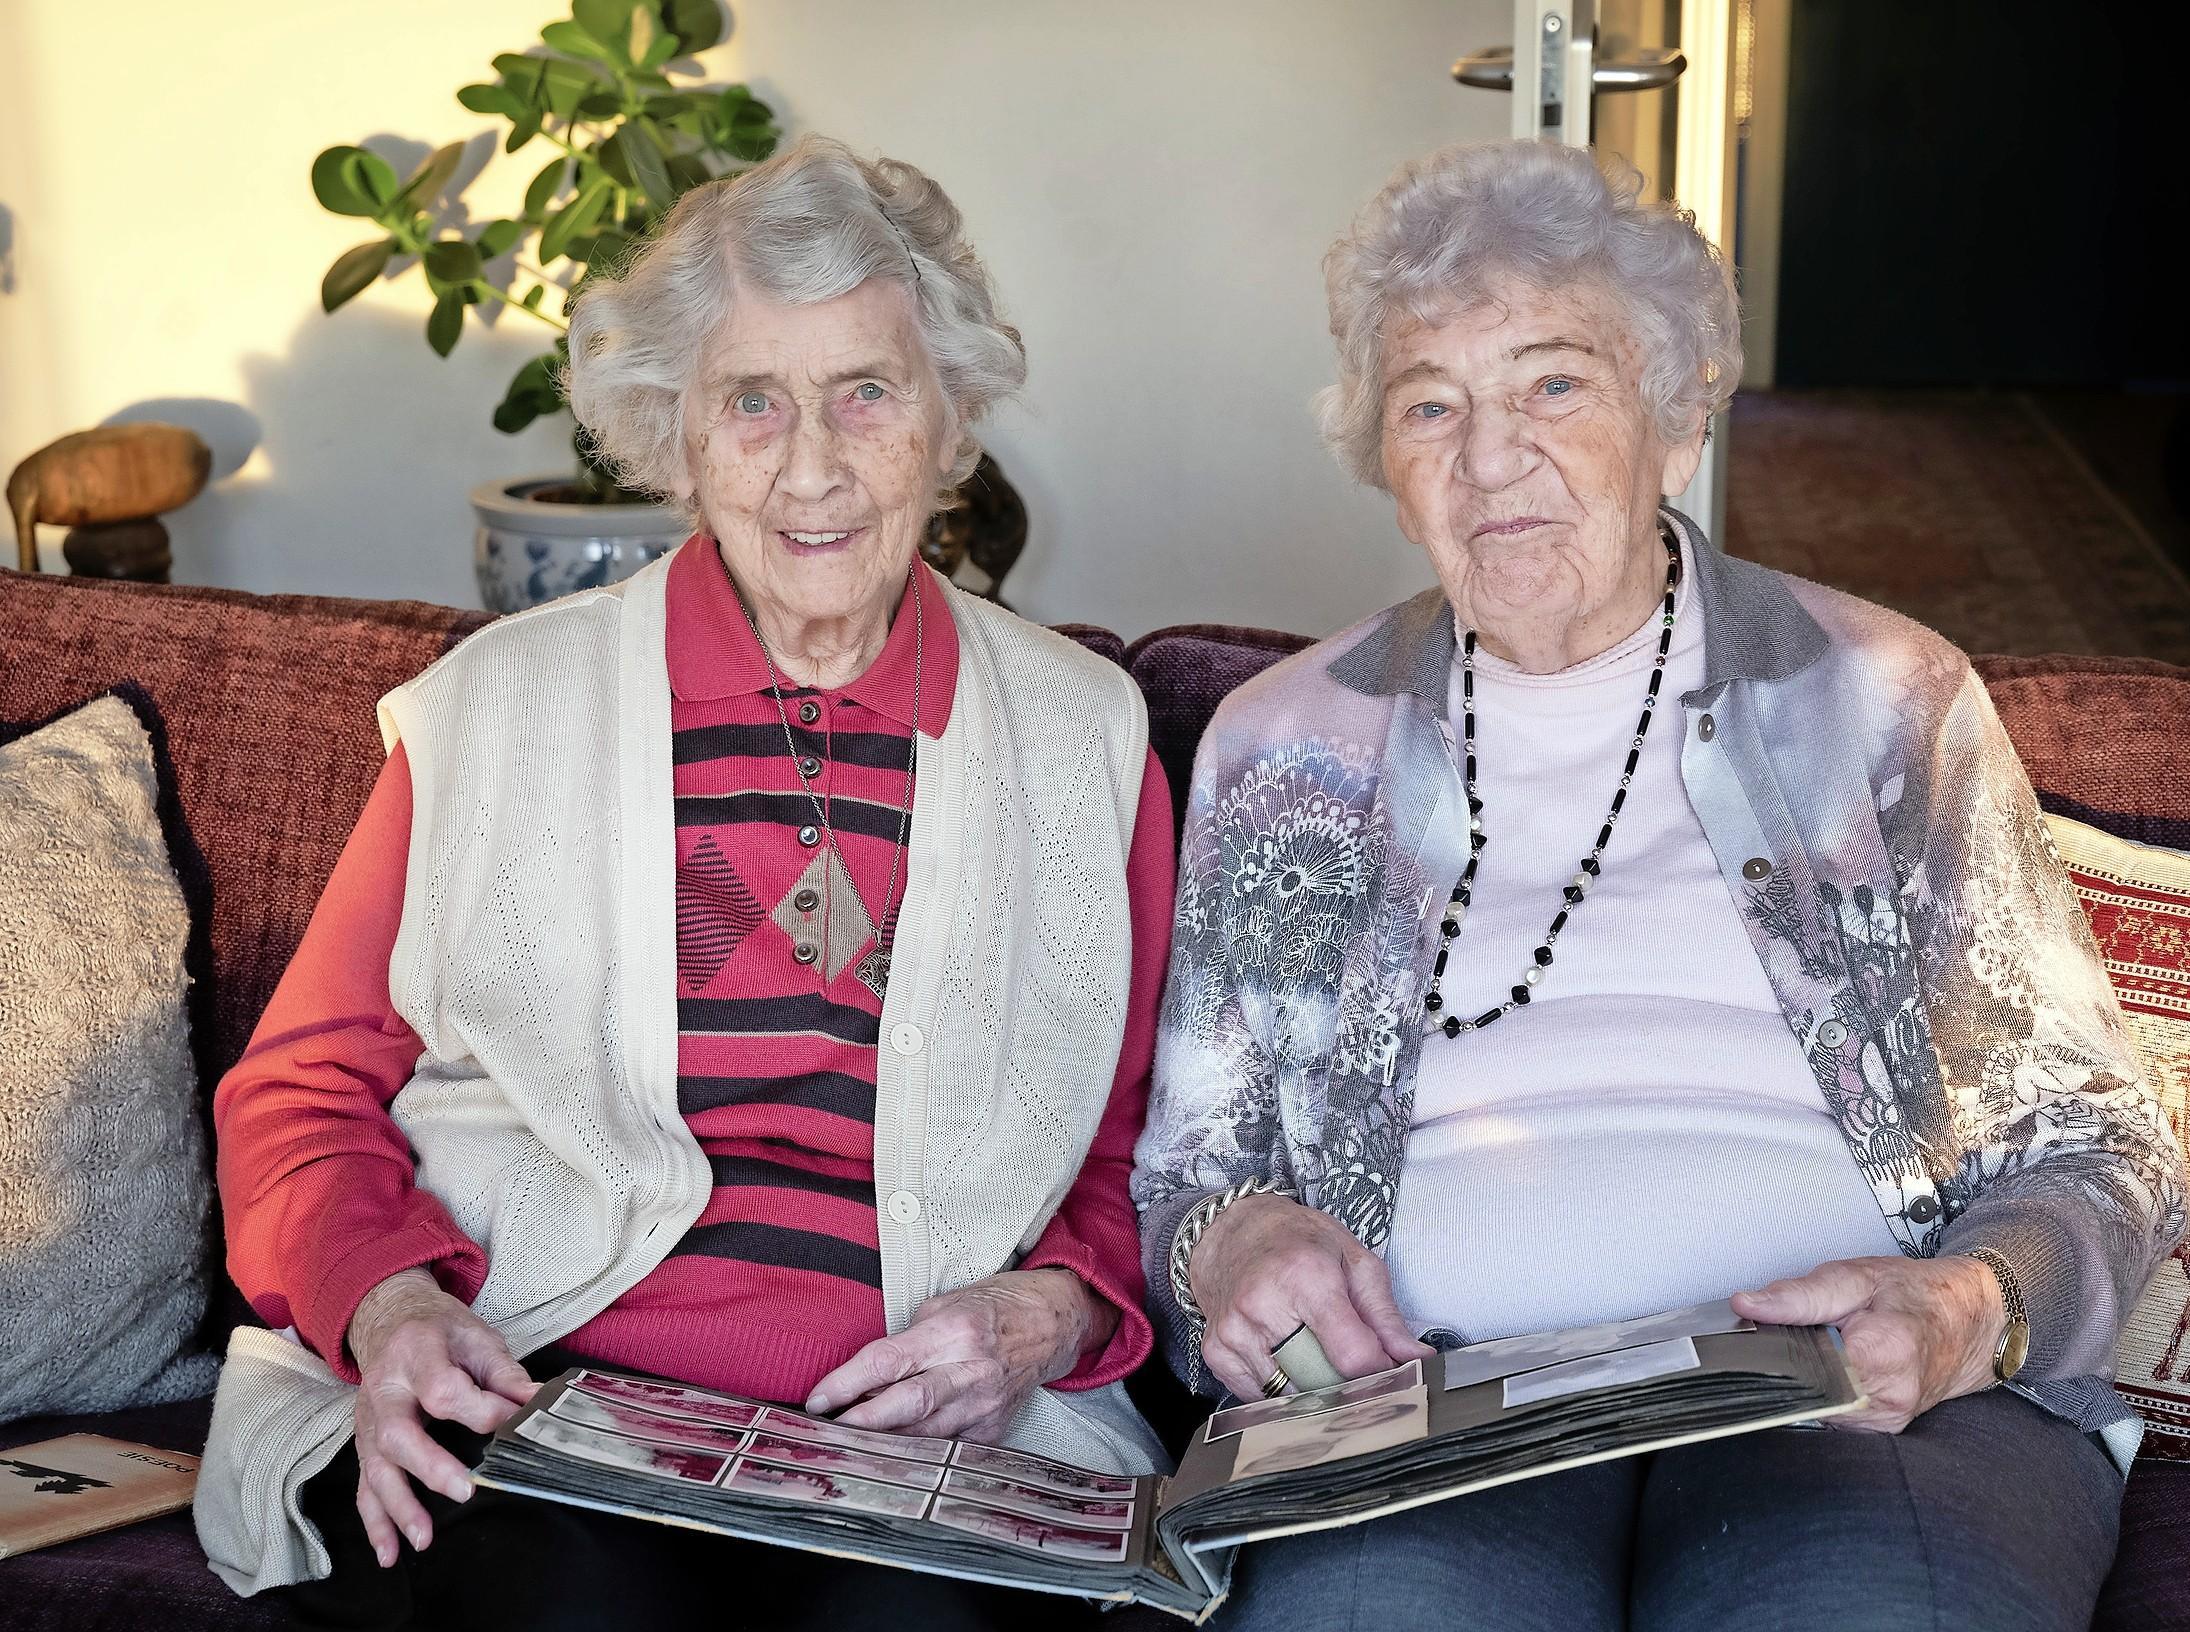 Wonderlijk weerzien klasgenoten in oorlogstijd: Fransje en Bep vinden elkaar terug in Velserbroeks wooncomplex, tachtig jaar na Duits bombardement